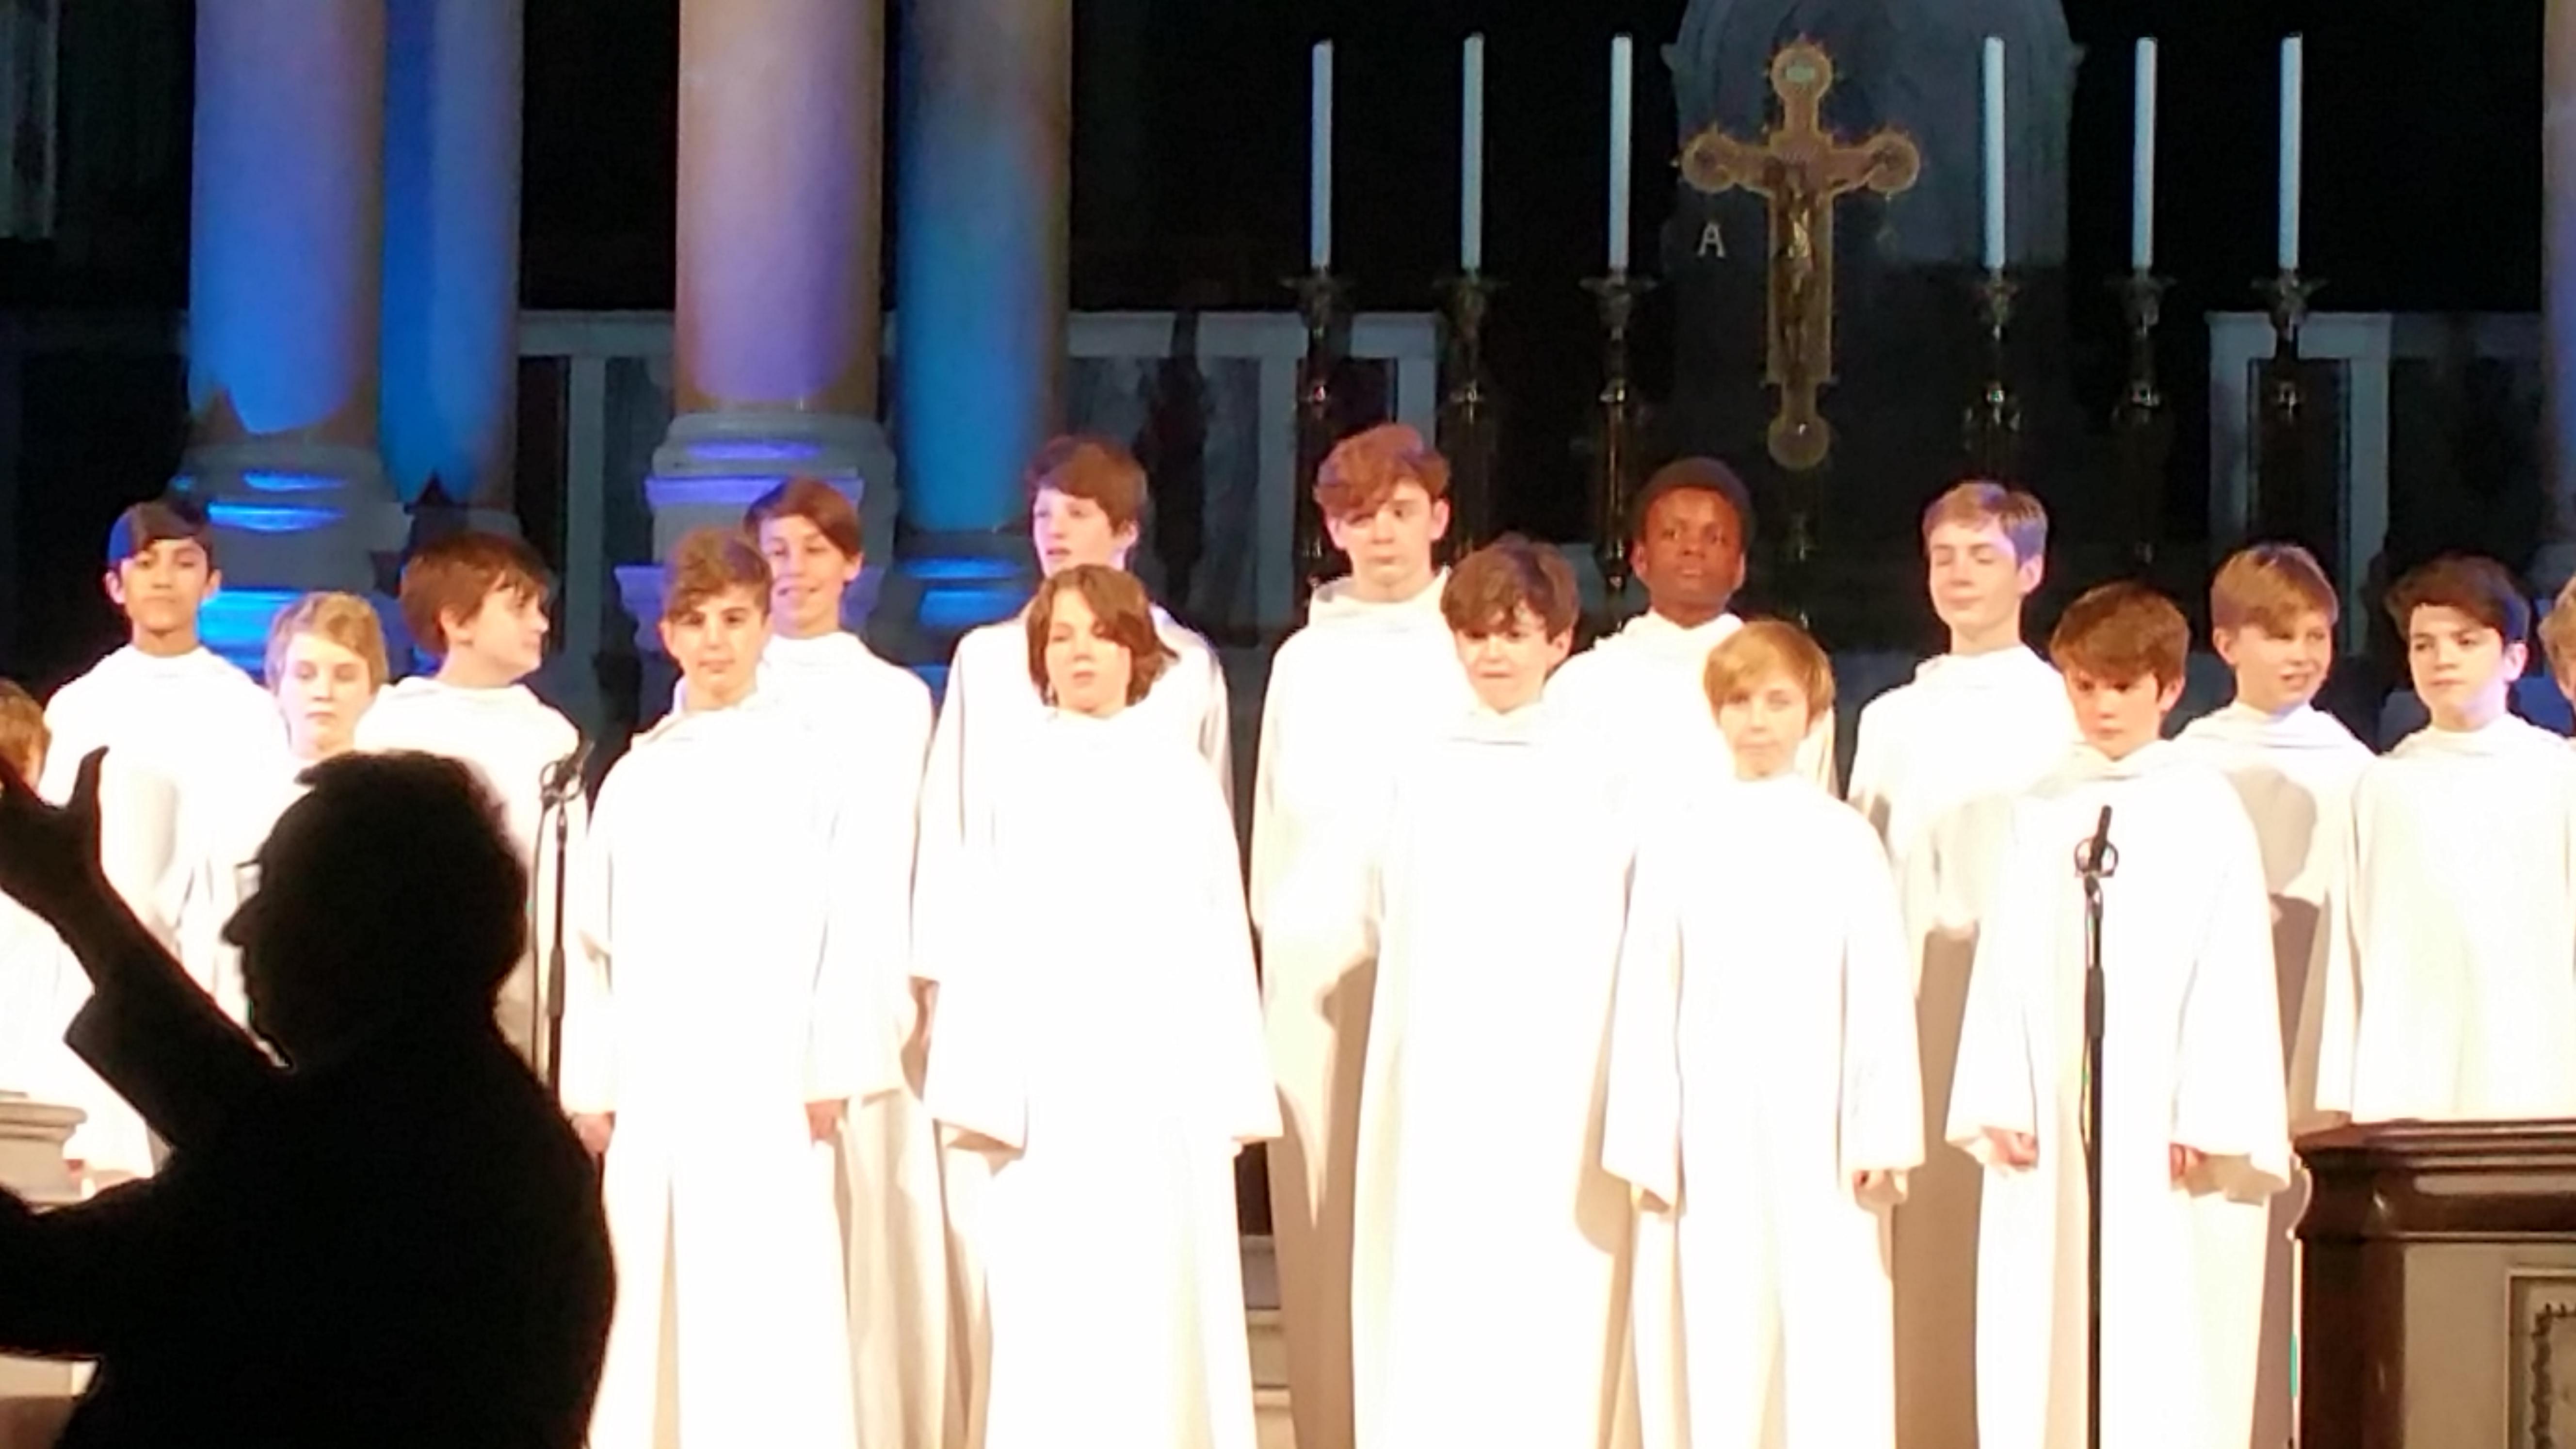 Concert à la cathédrale de Westminster (initialement St George's) le 1er décembre 2017 - Page 3 26545120171201221057